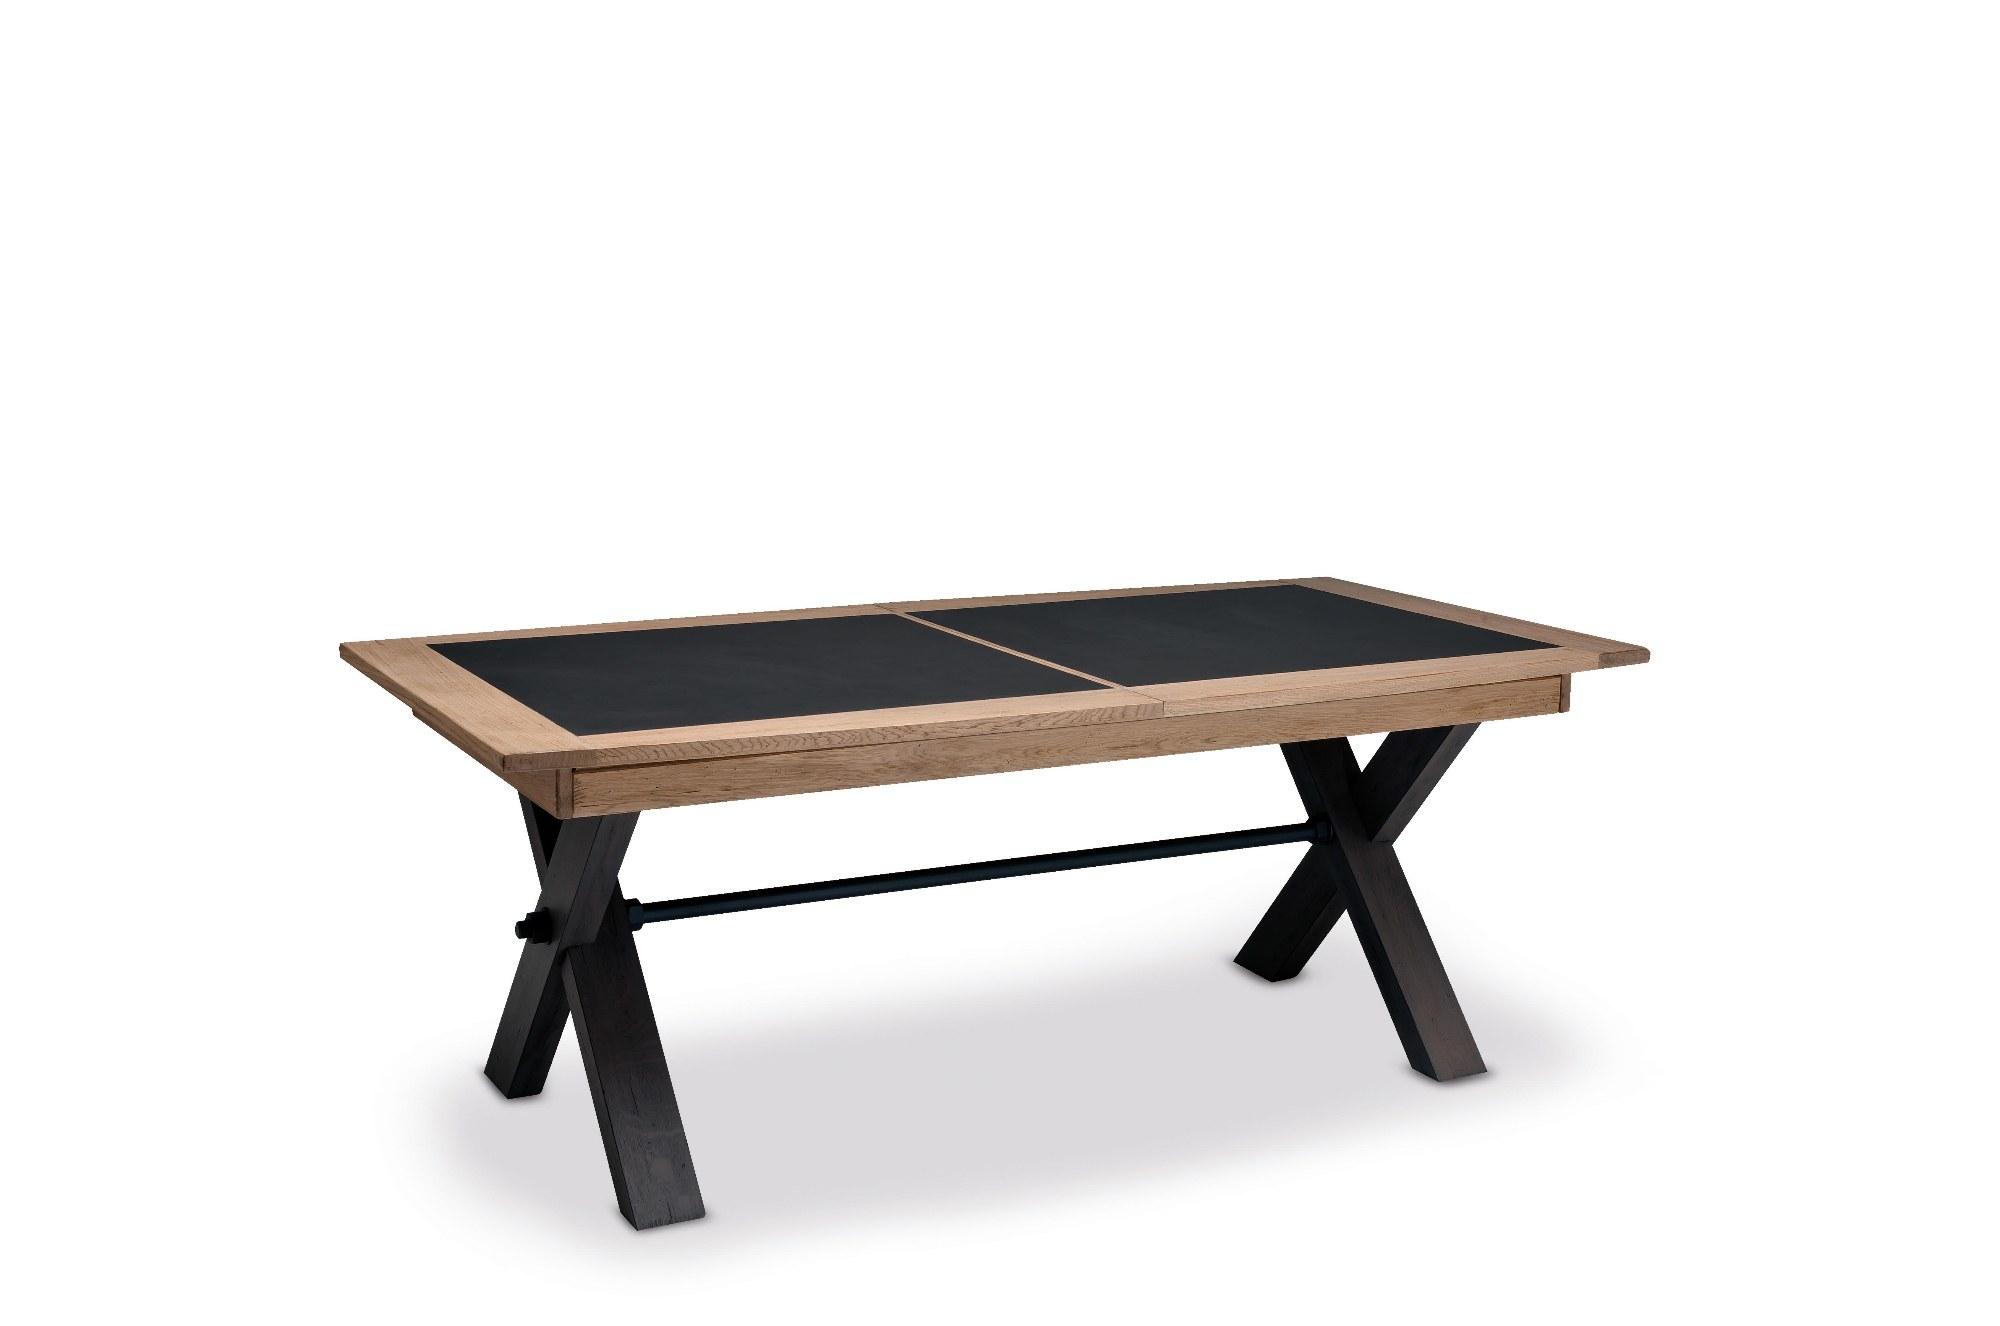 MAGELLAN TABLE PIED X DESSUS CERAMIQUE